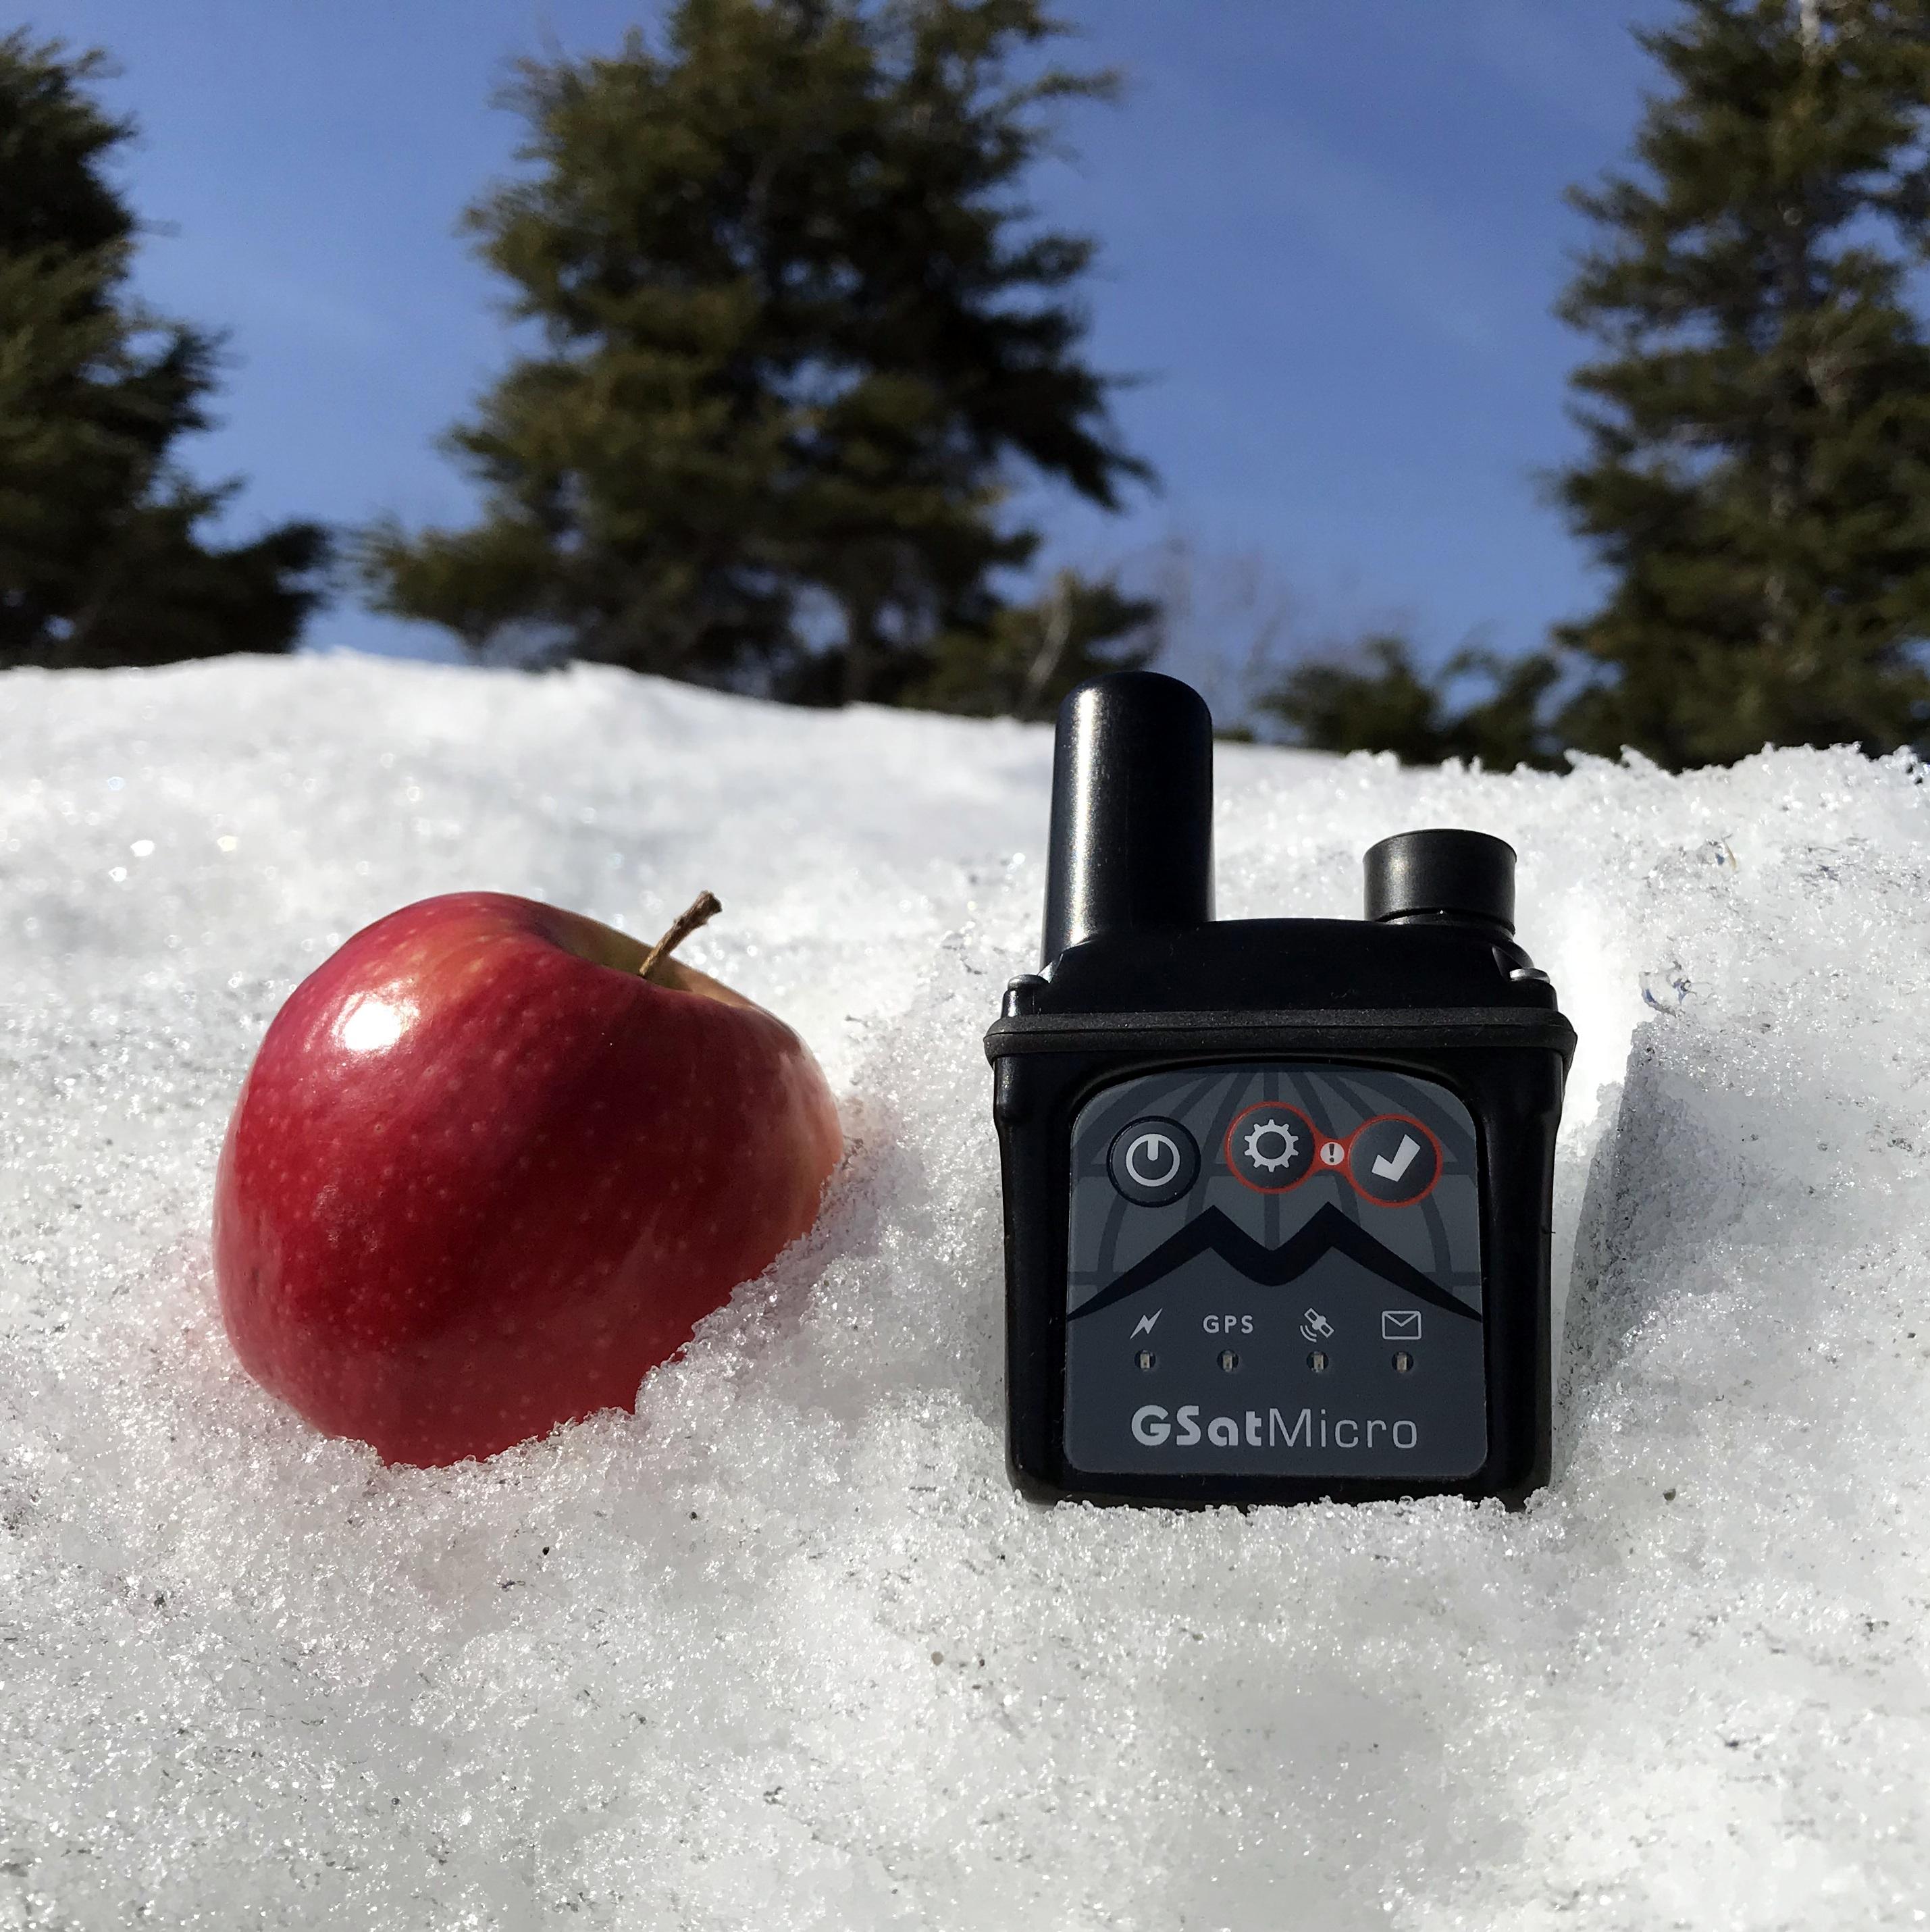 GSatMicro - Size comparison with small apple